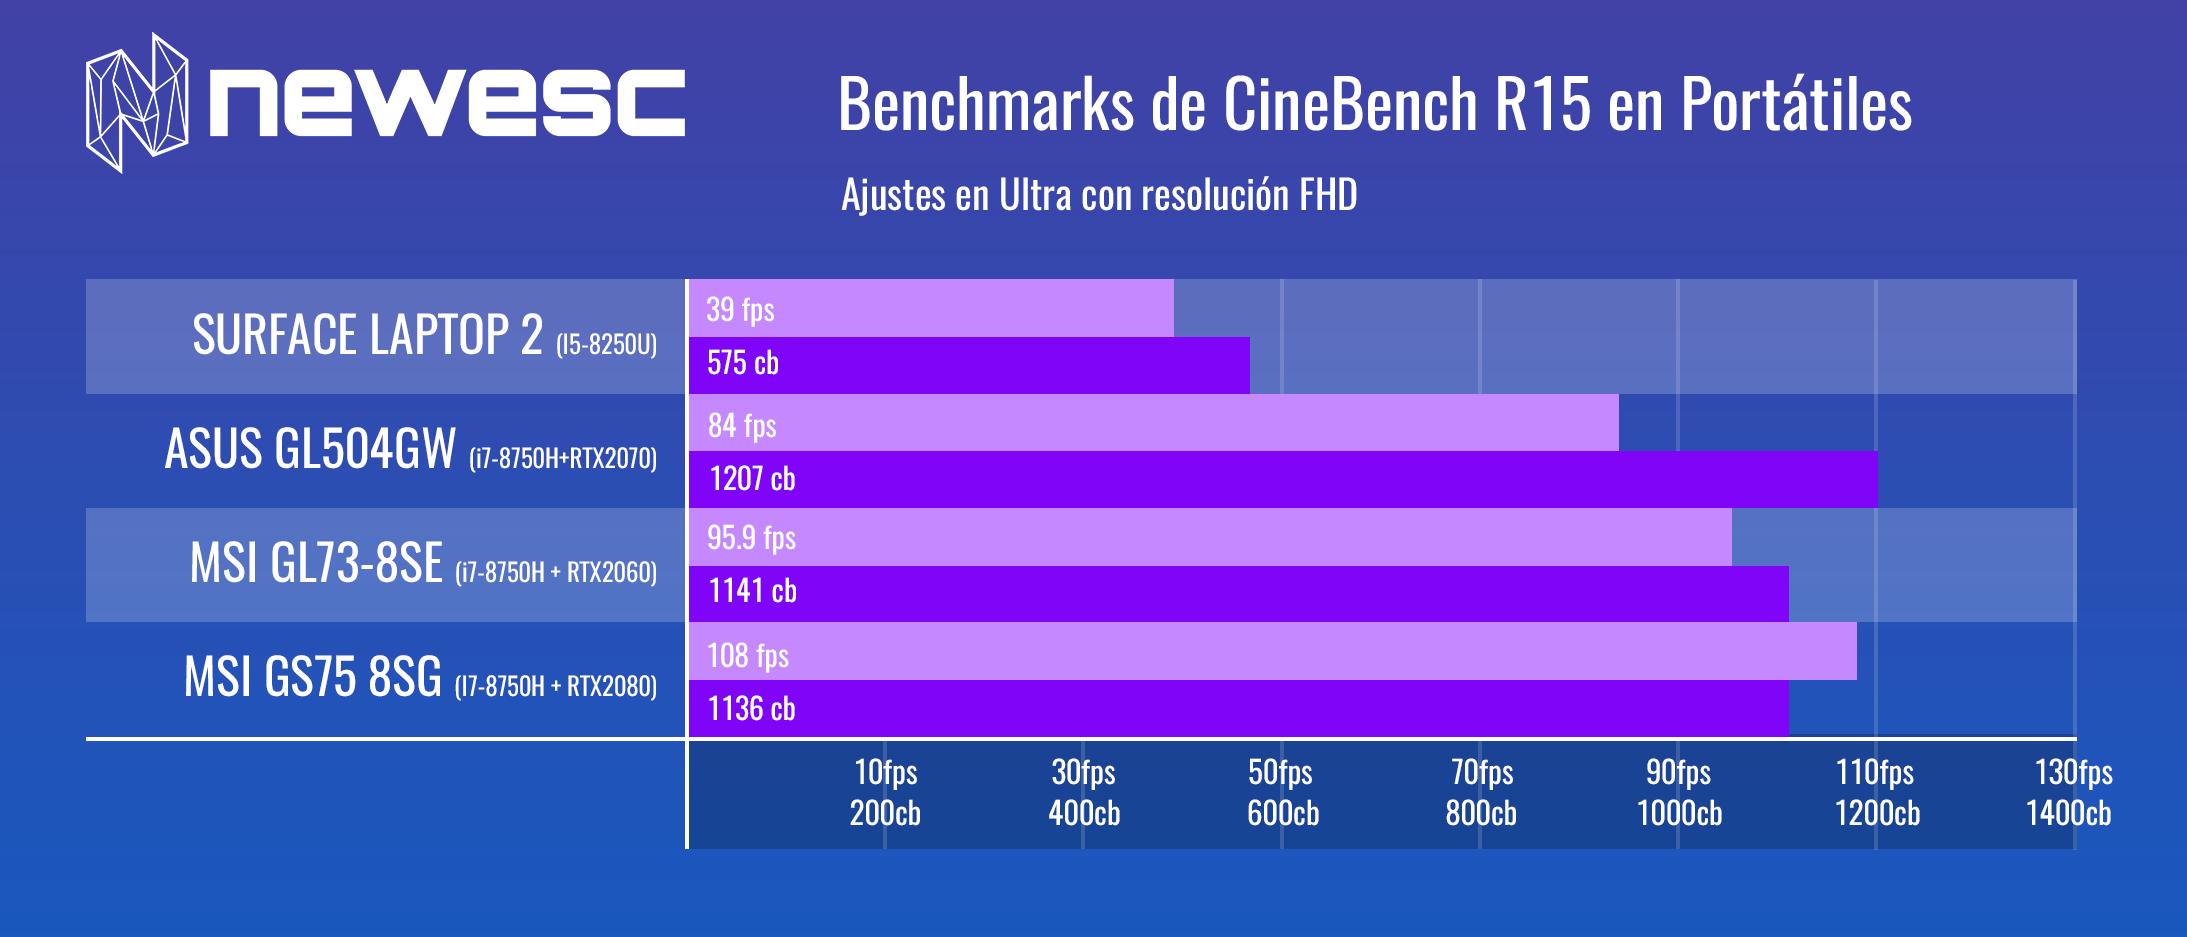 Benchmarks de Portátiles Cinebench R15